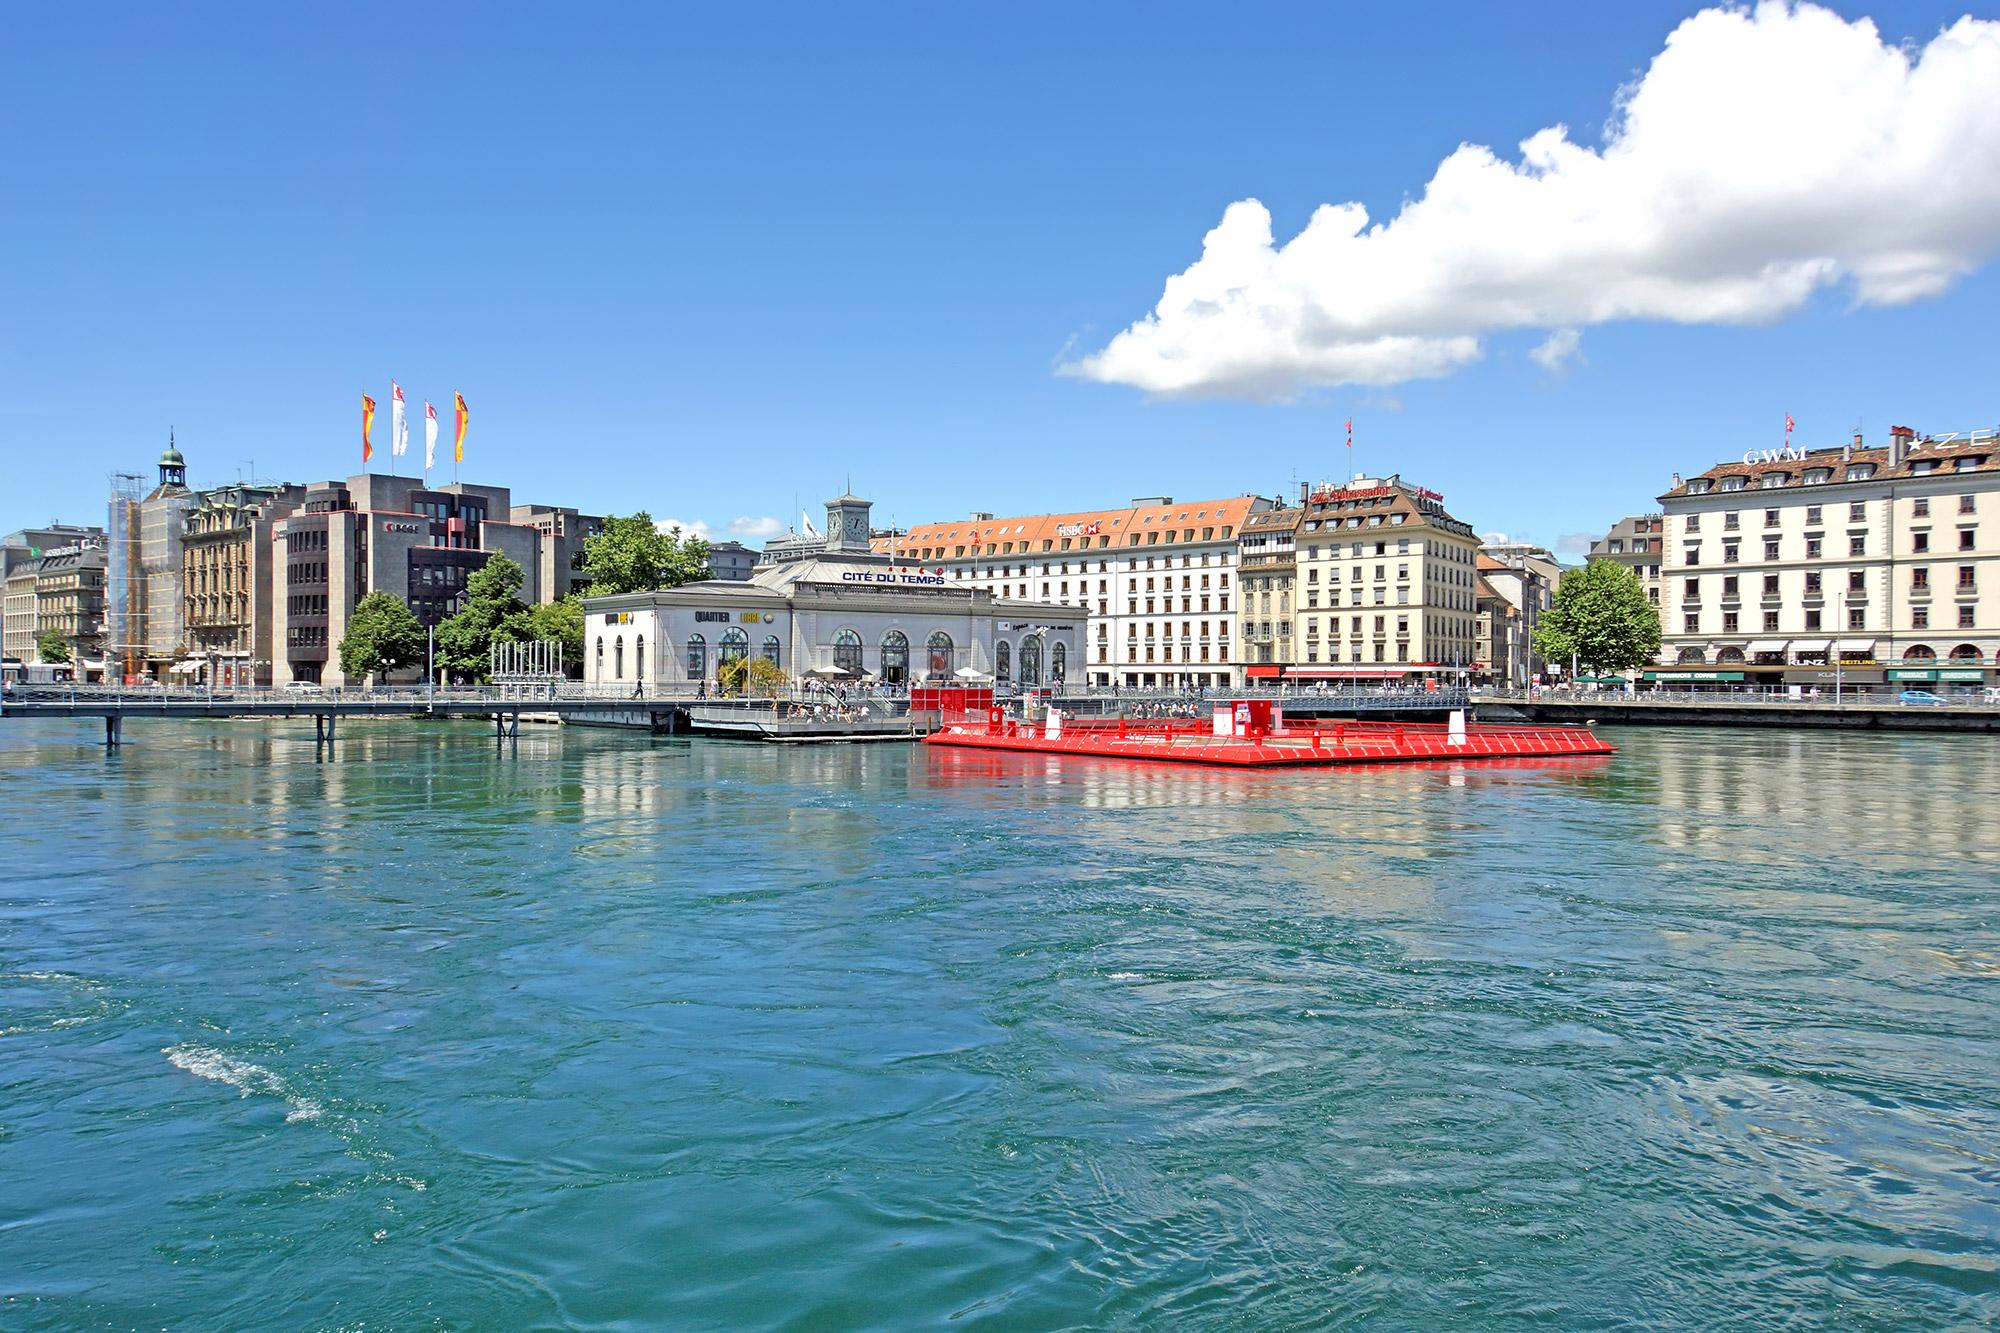 Bâtiment sur l'eau avec plateforme rouge